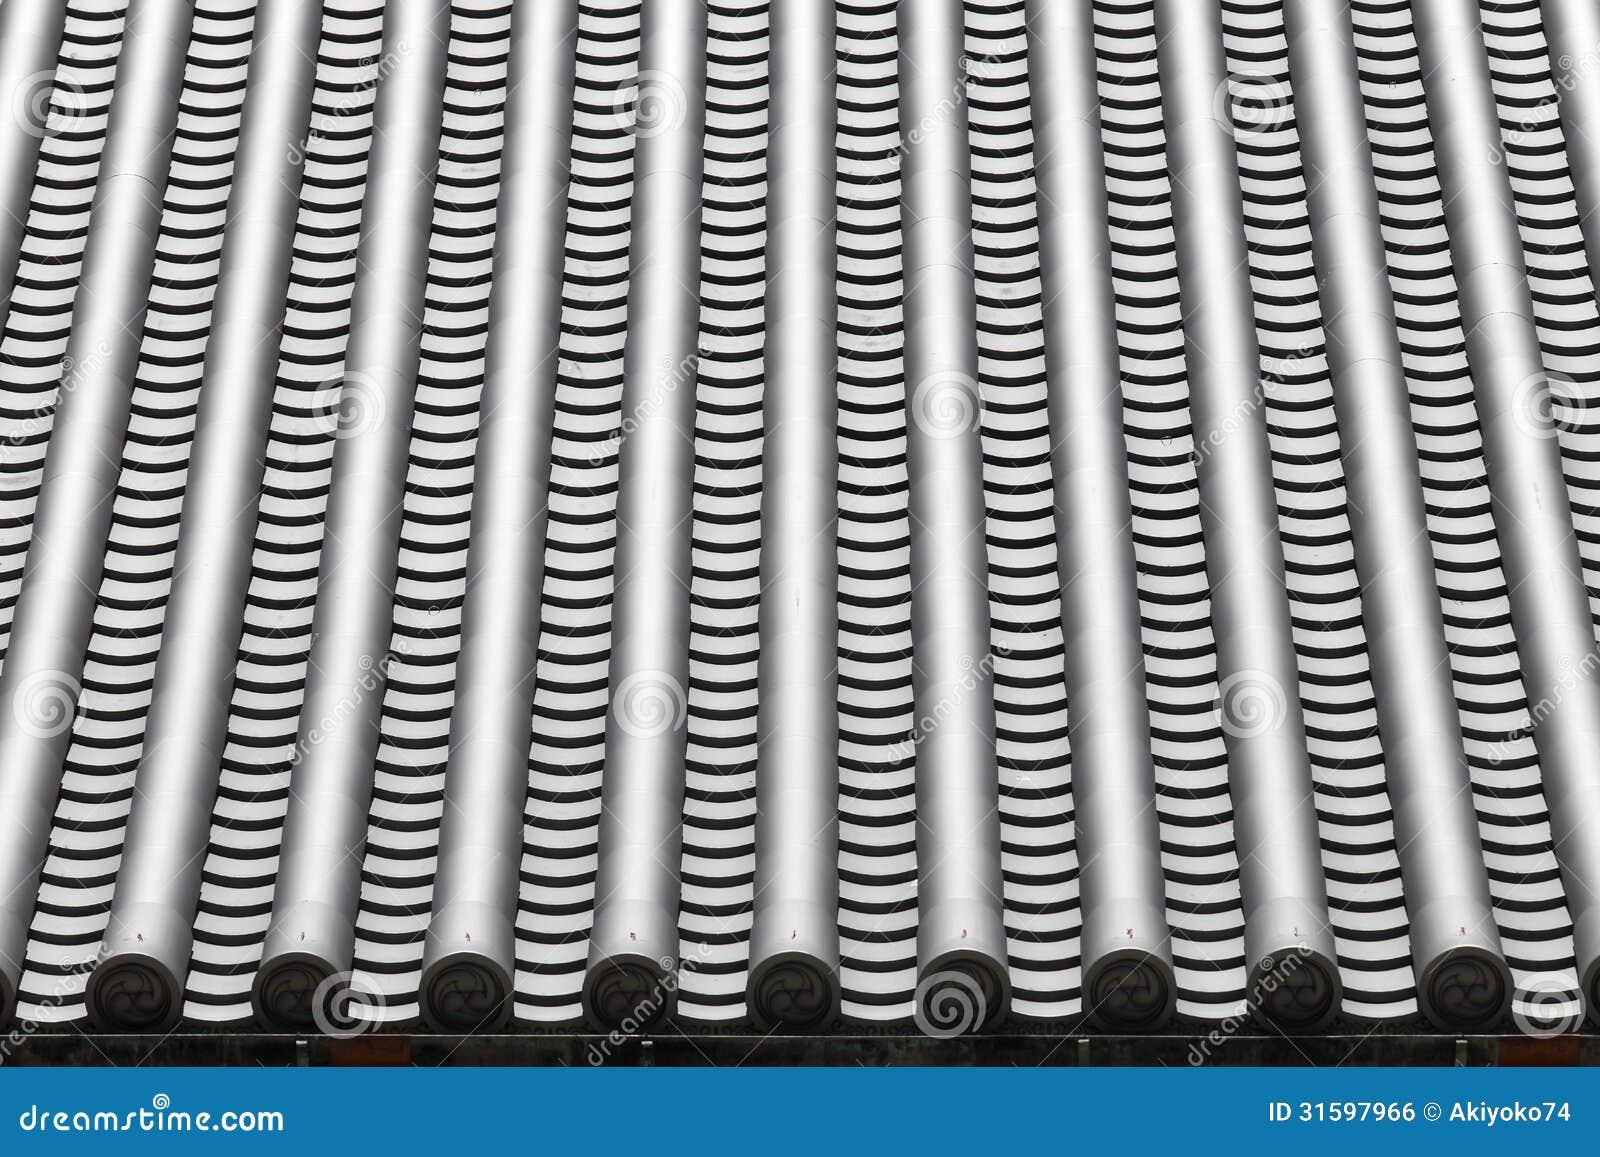 tuiles de toit japonaises de temple image libre de droits. Black Bedroom Furniture Sets. Home Design Ideas